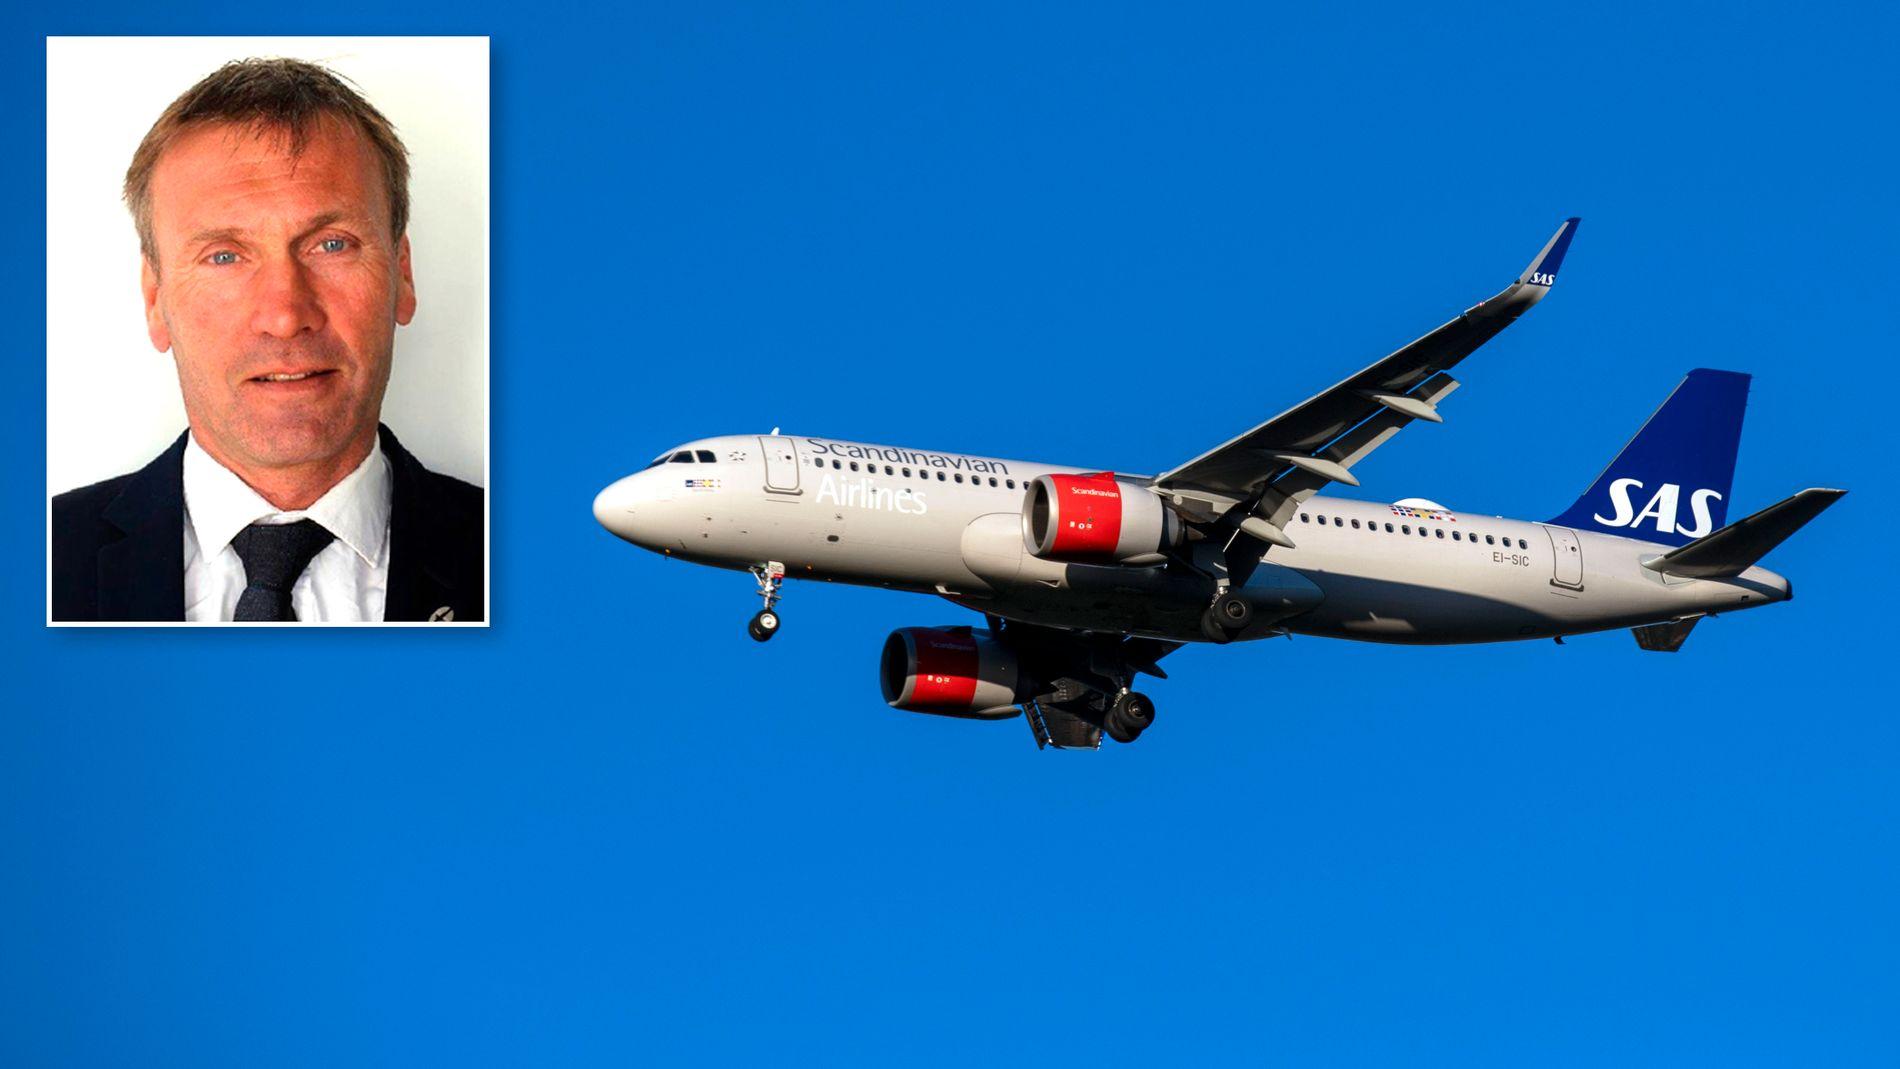 SER MOT 2020: Neste år er det Kabinforeningens tur til å forhandle om lønn og øvrige arbeidsvilkår. Foreningsleder Pål Røine er klar på at de vil ønske forbedring på linje med pilotene.